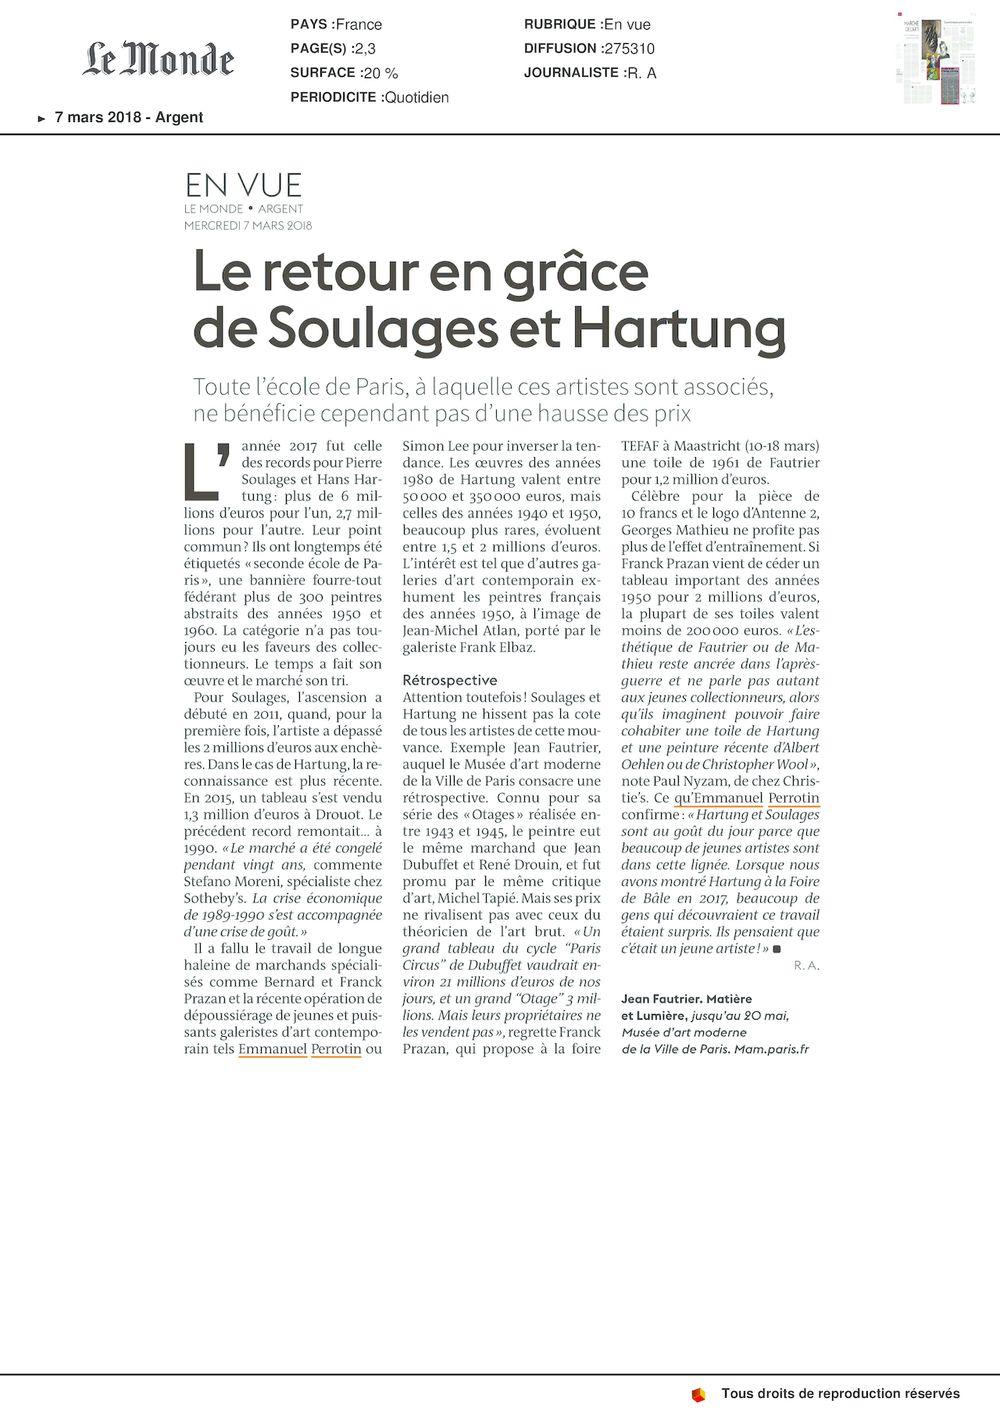 Le Monde | Pierre SOULAGES